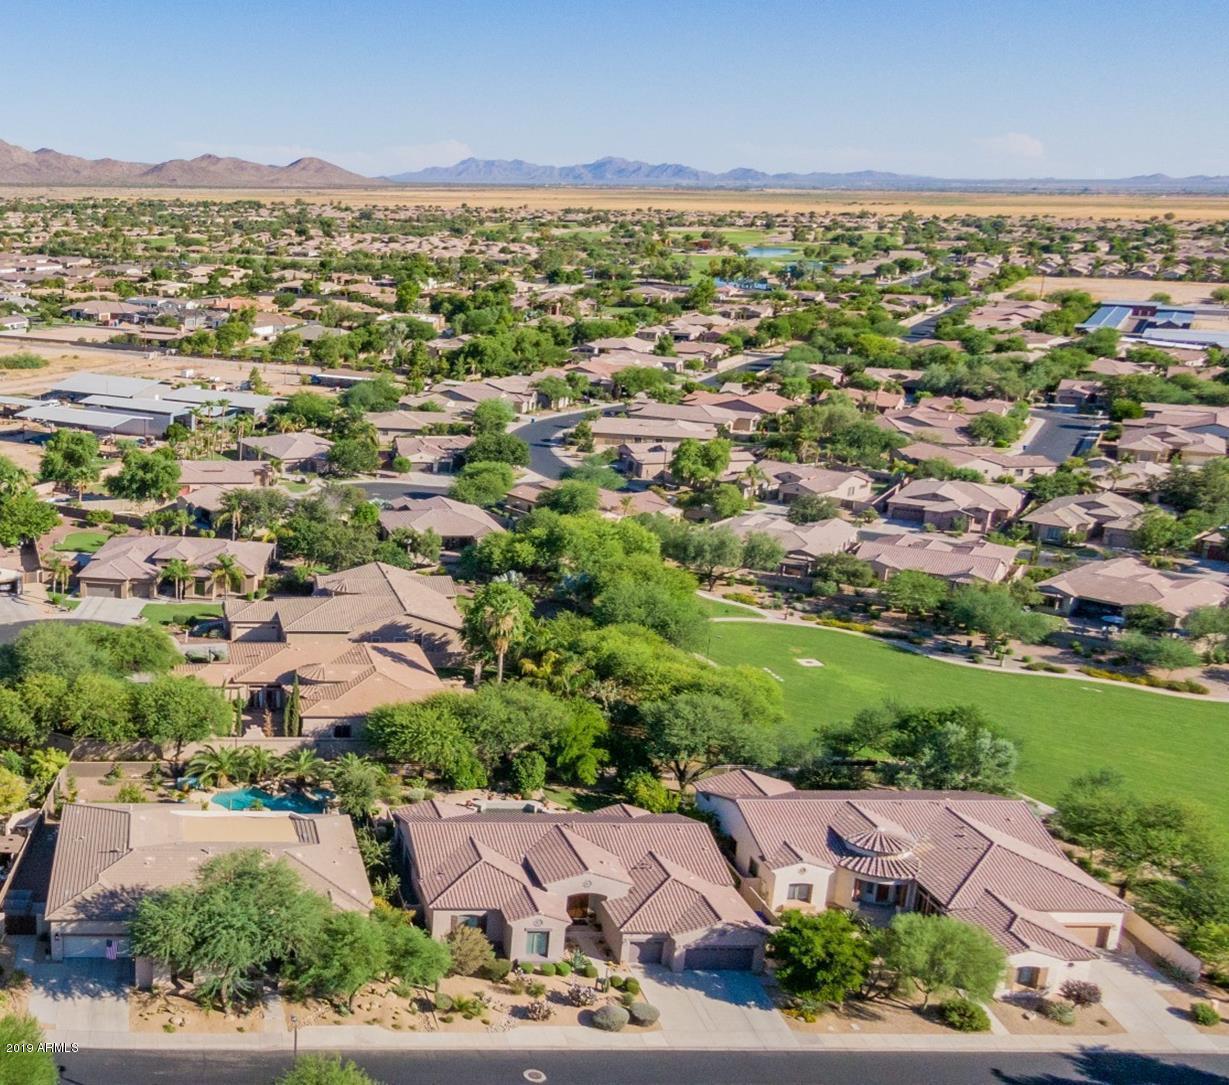 MLS 5966337 5561 S MESQUITE GROVE Way, Chandler, AZ 85249 Chandler AZ Mesquite Grove Estates